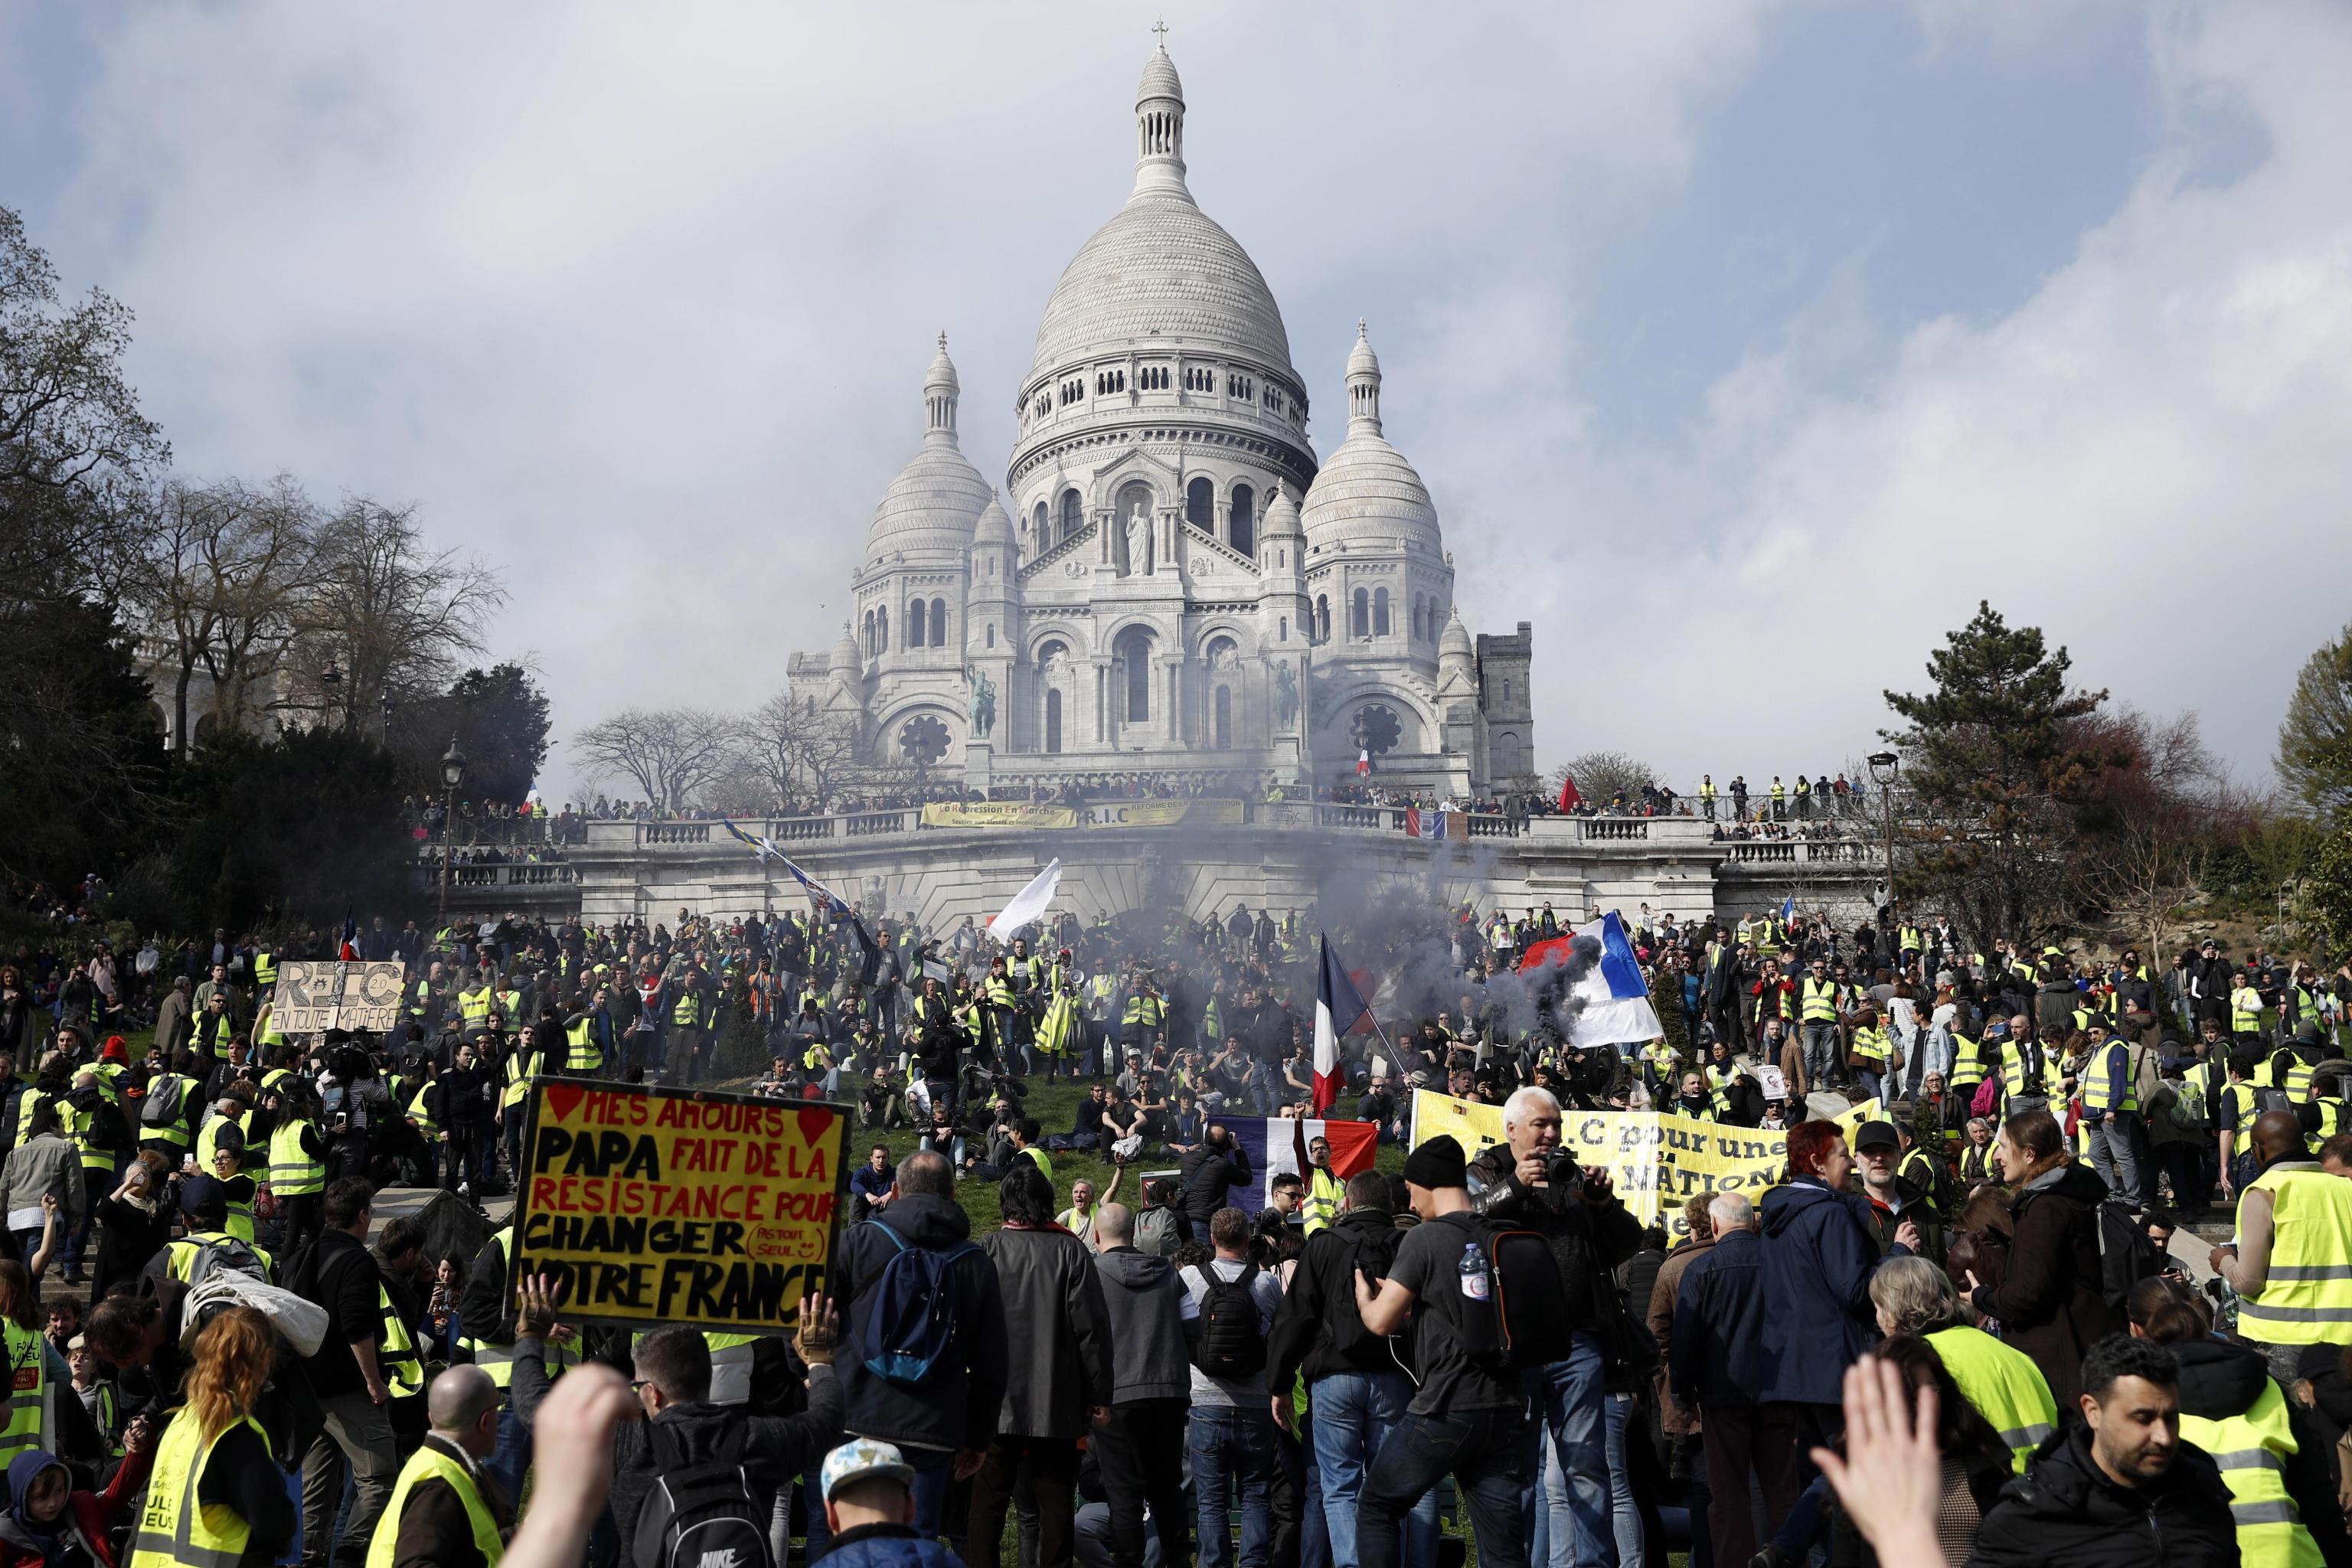 23 marzo 2019, i gilet gialli davanti alla basilica del Sacro Cuore